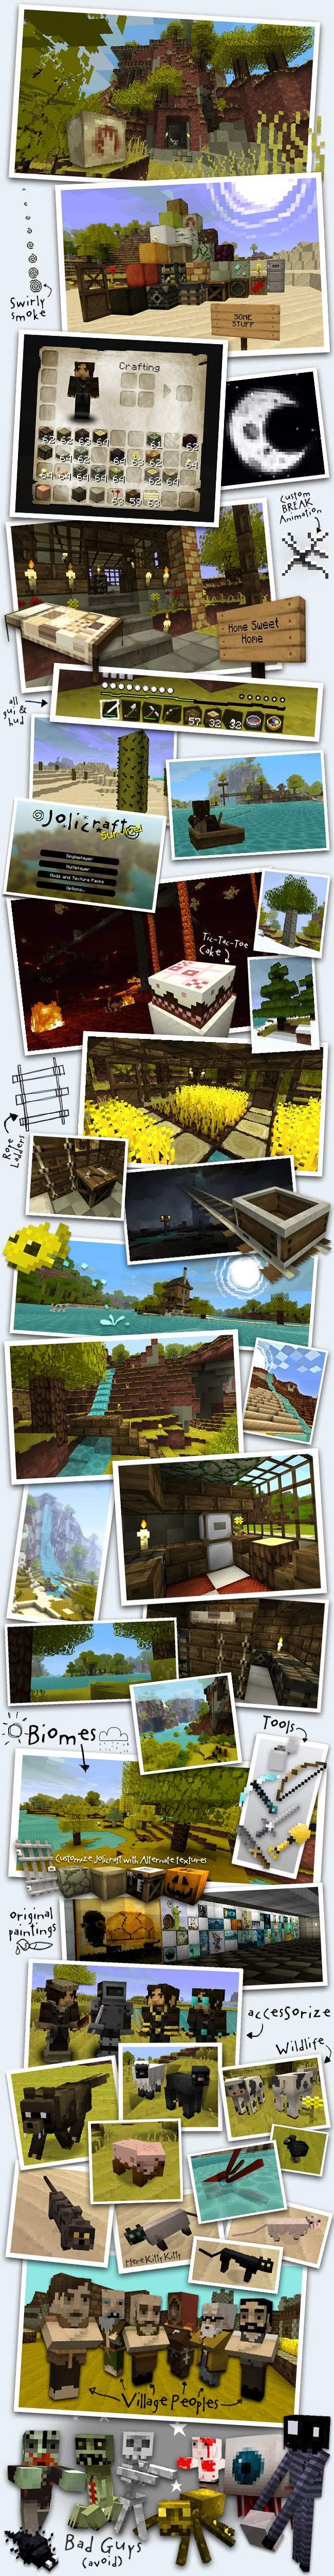 Illustrations jolicraft Minecraft